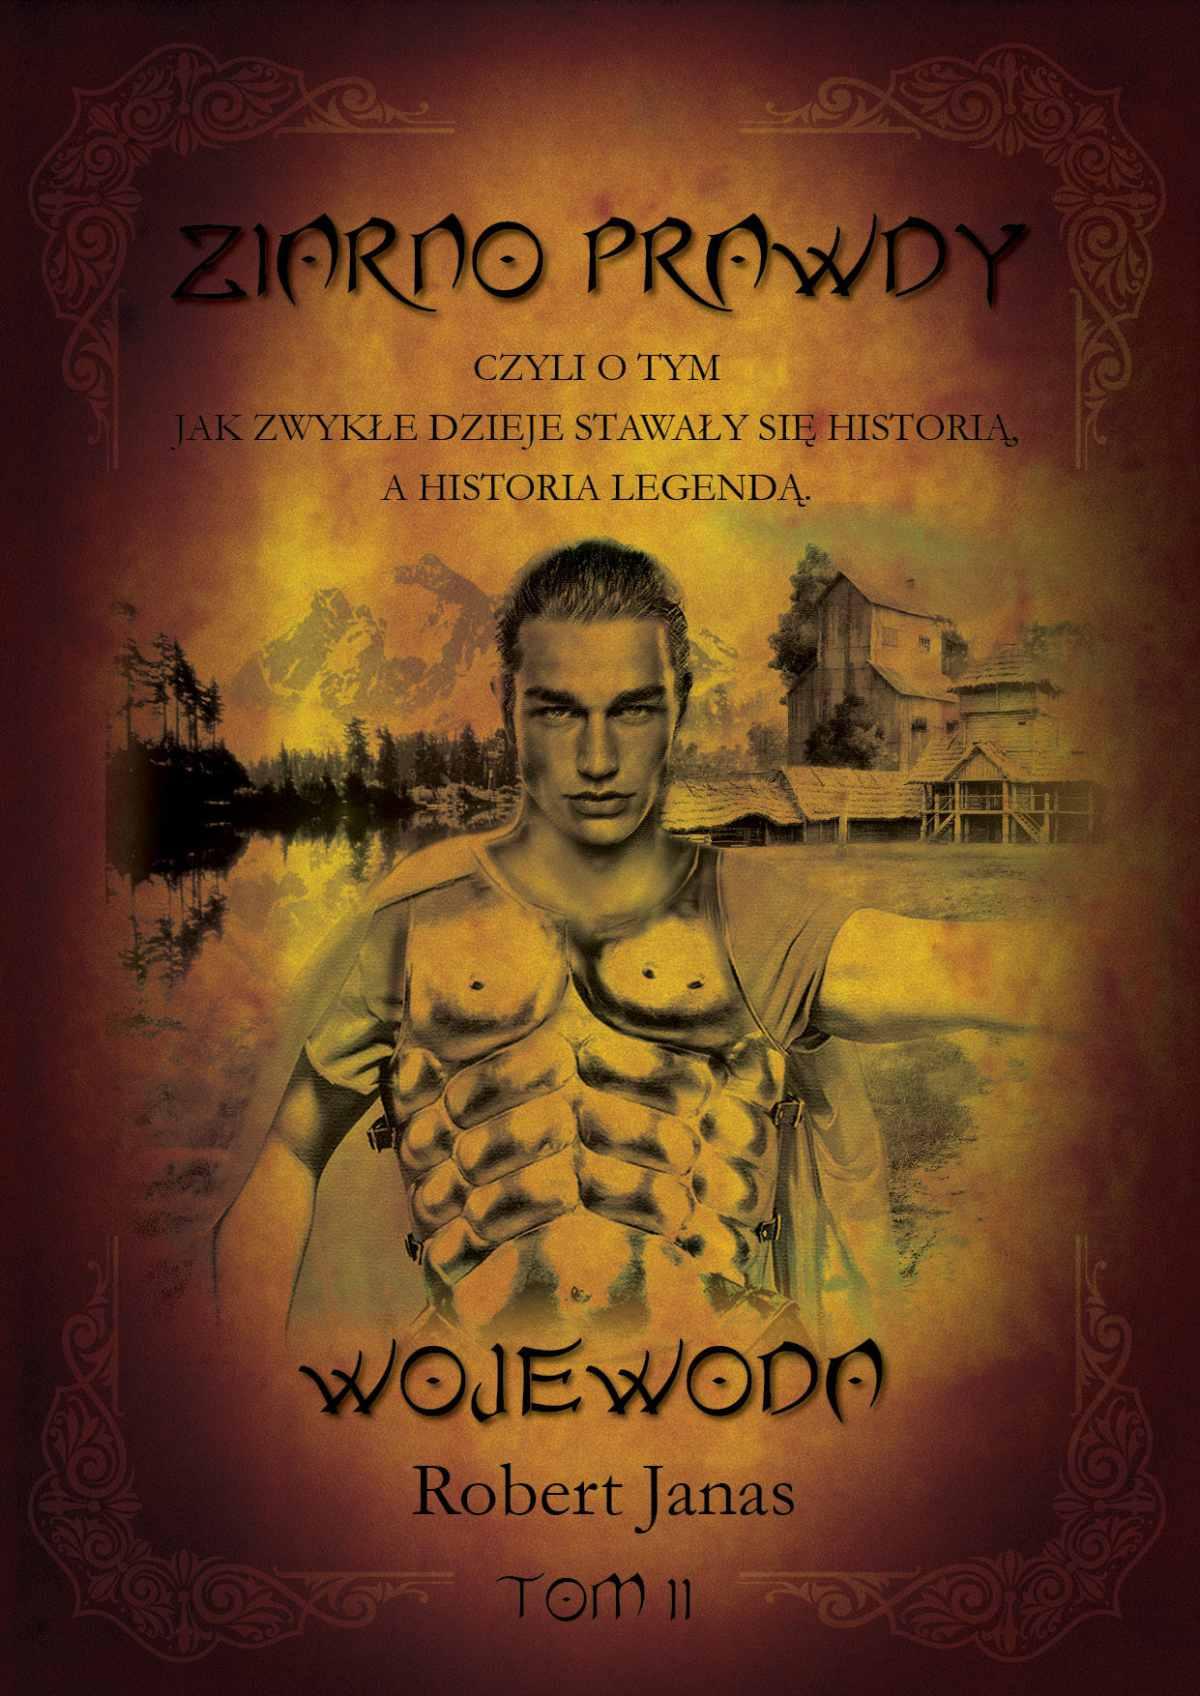 Ziarno prawdy. Tom II Wojewoda - Ebook (Książka na Kindle) do pobrania w formacie MOBI